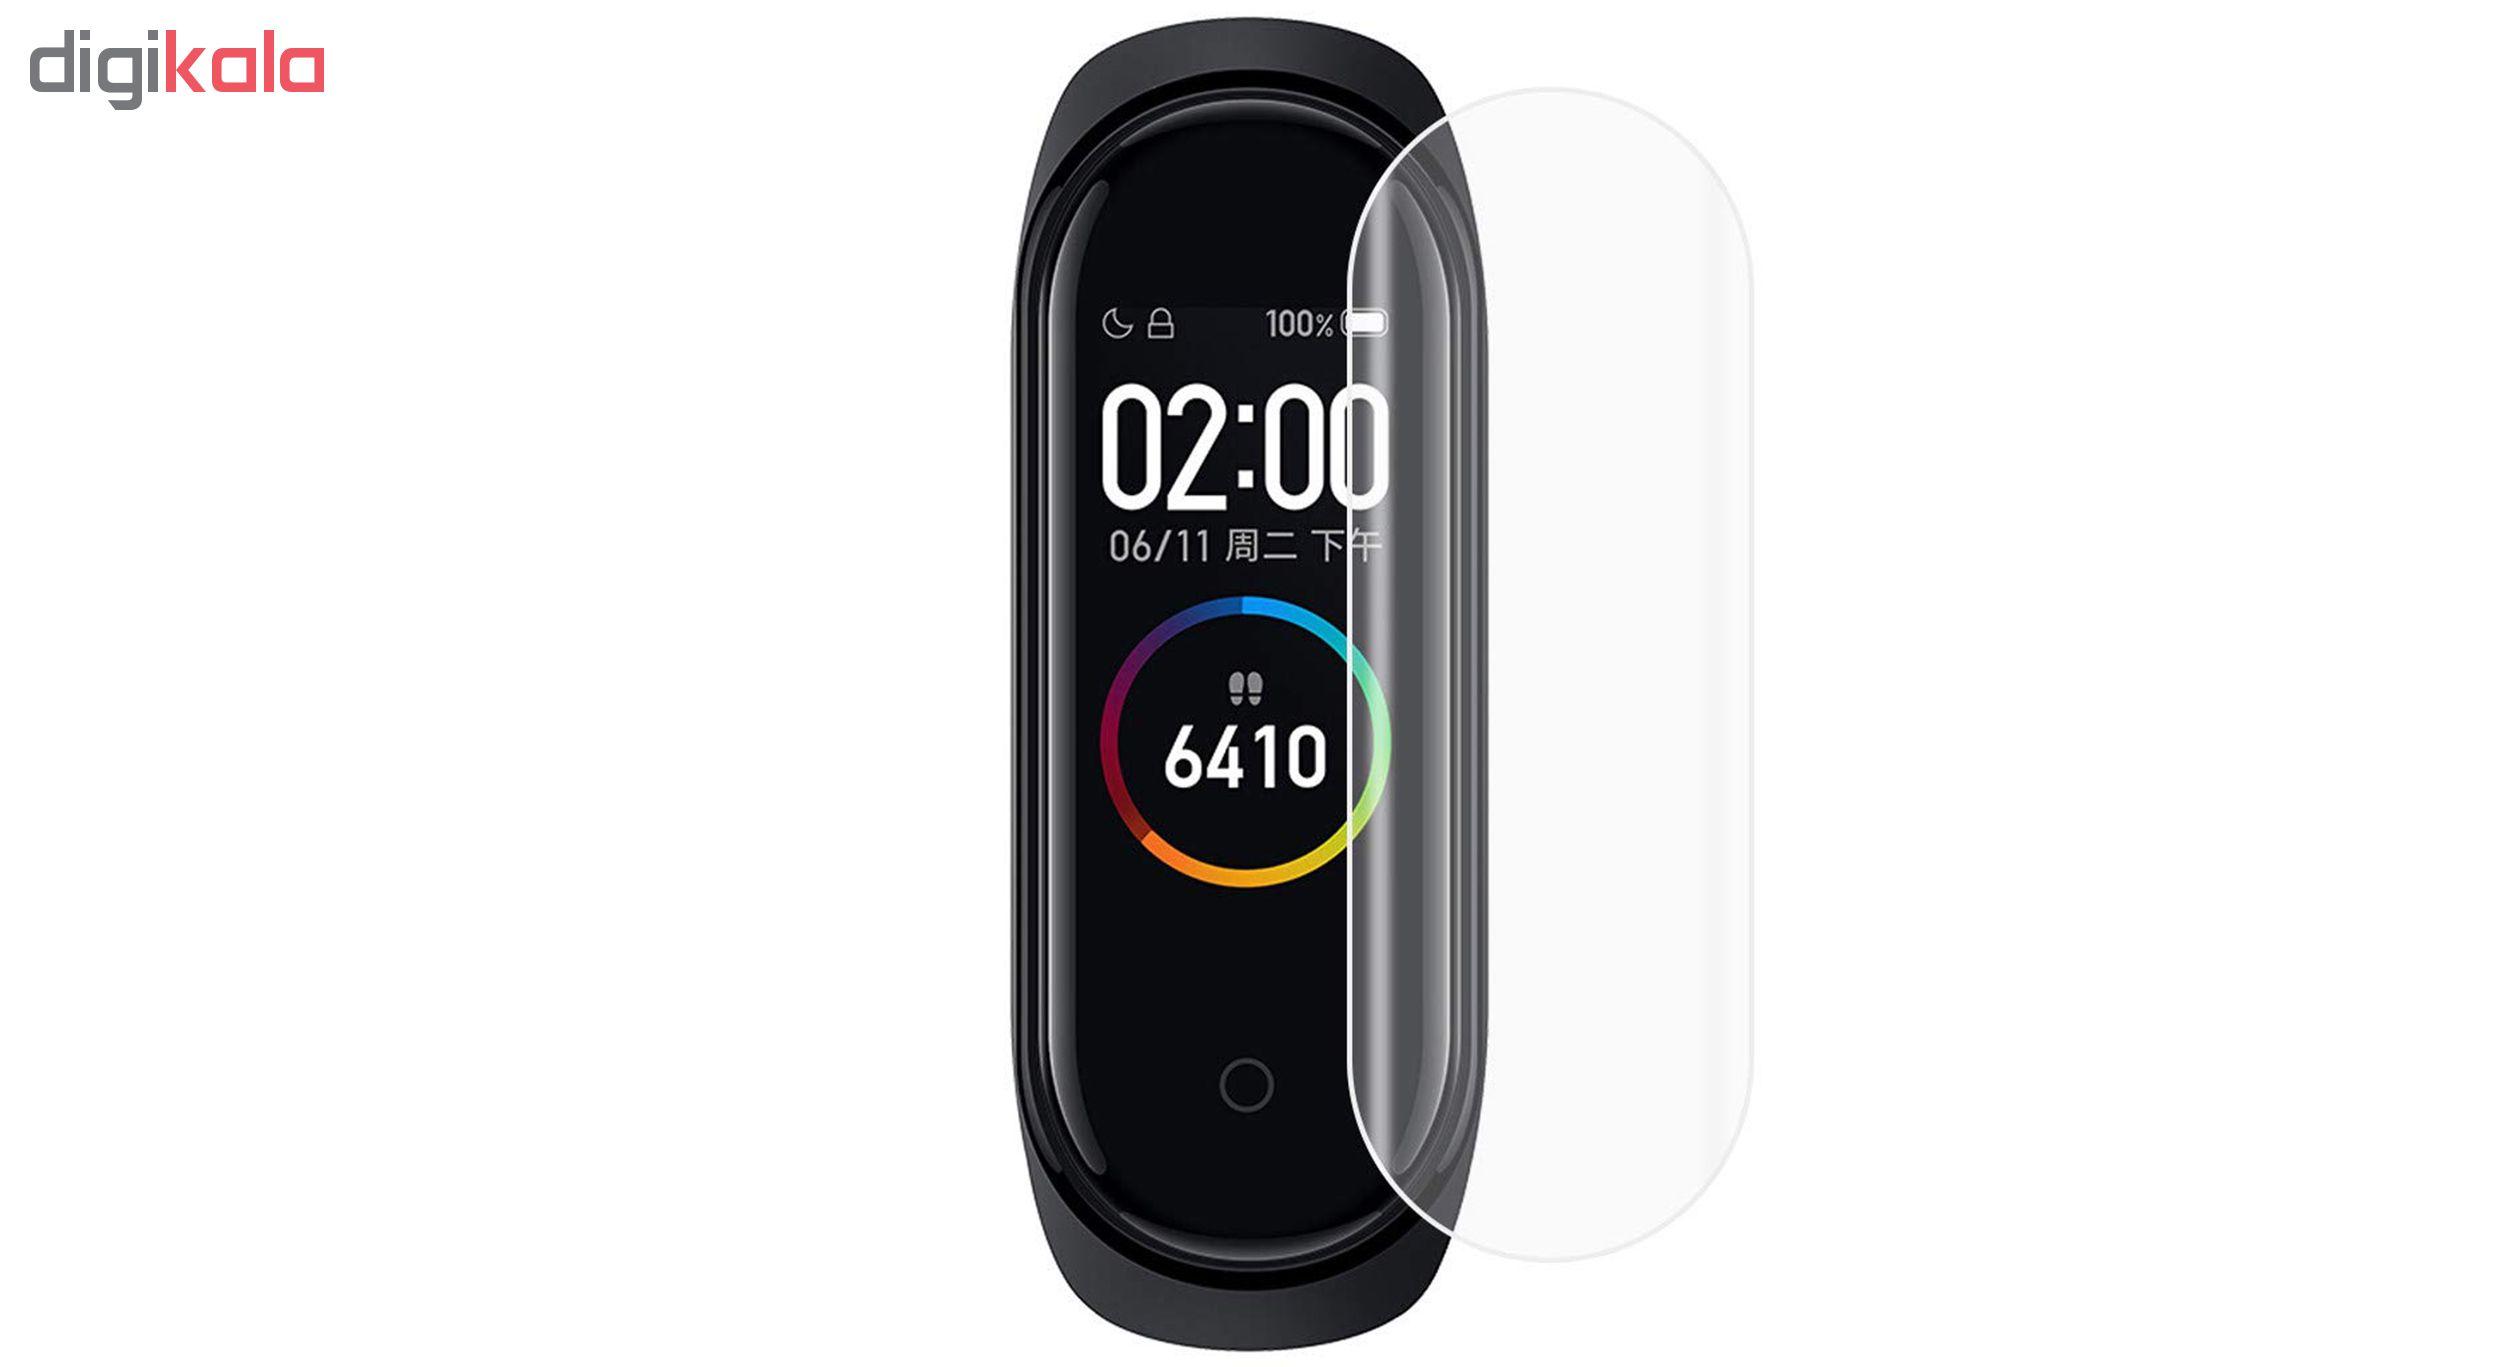 محافظ صفحه نمایش سومگ مدل SMG-G3 مناسب برای مچ بند هوشمند شیائومی Mi Band 4 بسته 3 عددی